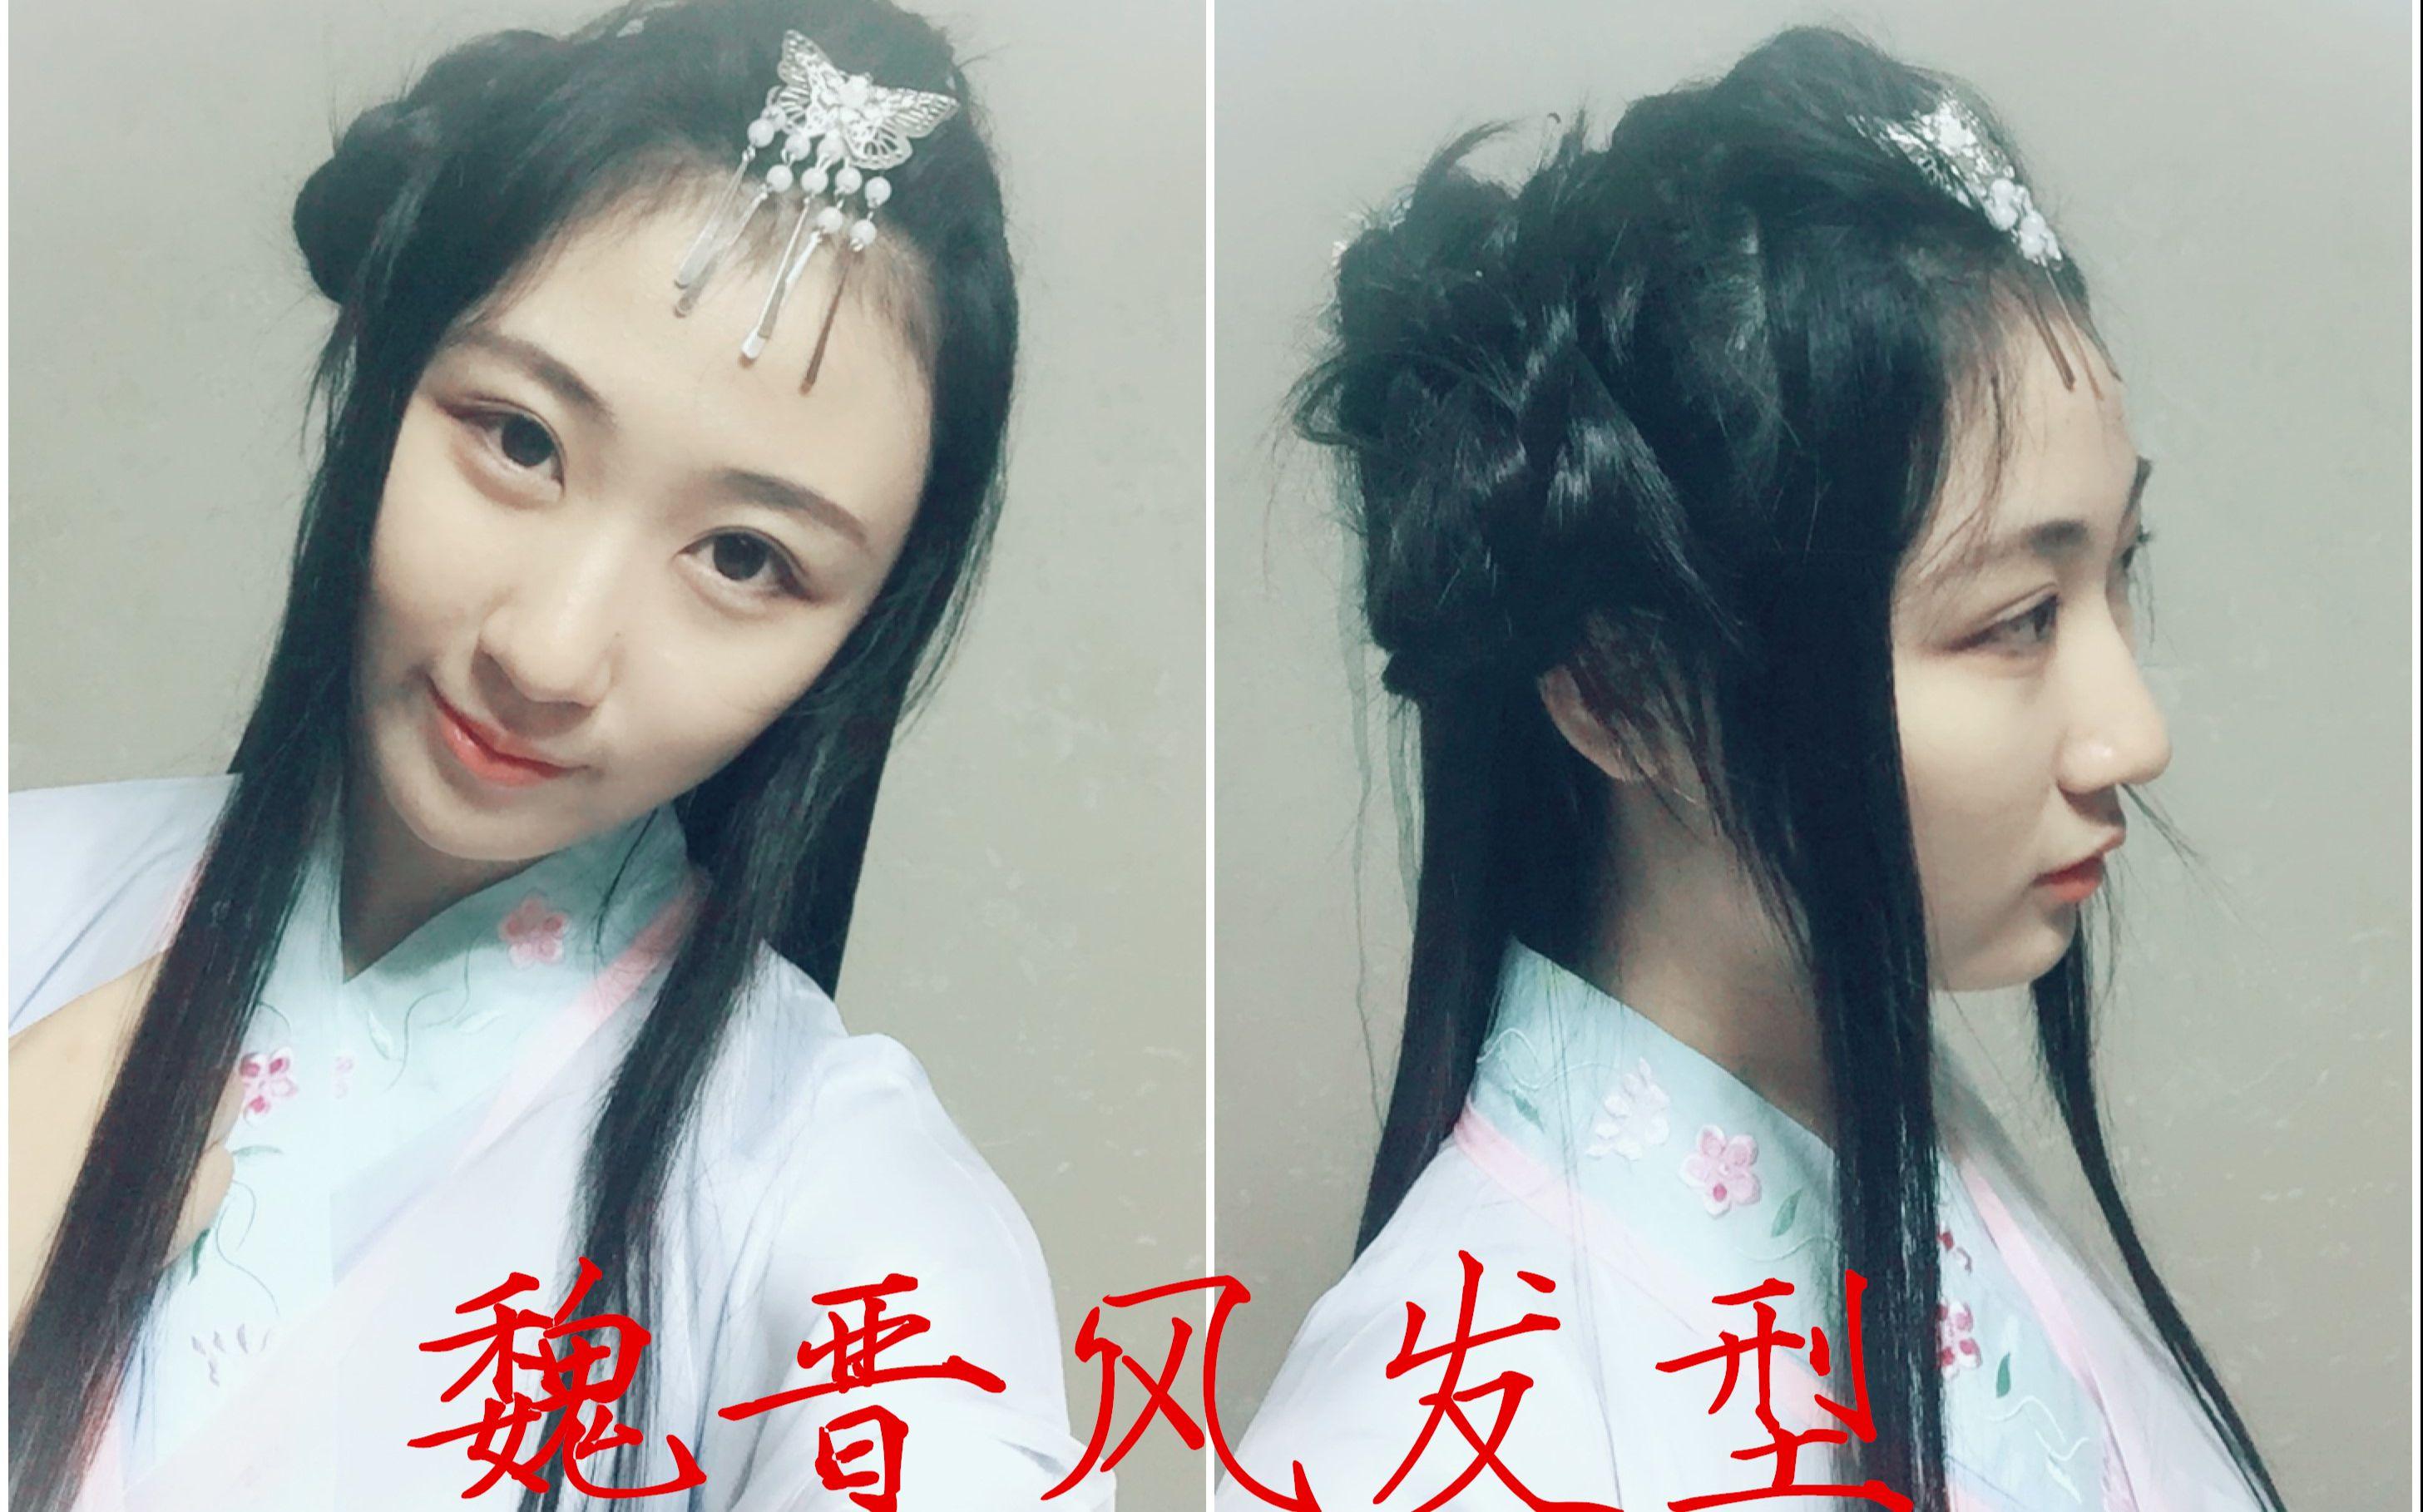 【雪皋】超级飘逸的魏晋风发型教程图片